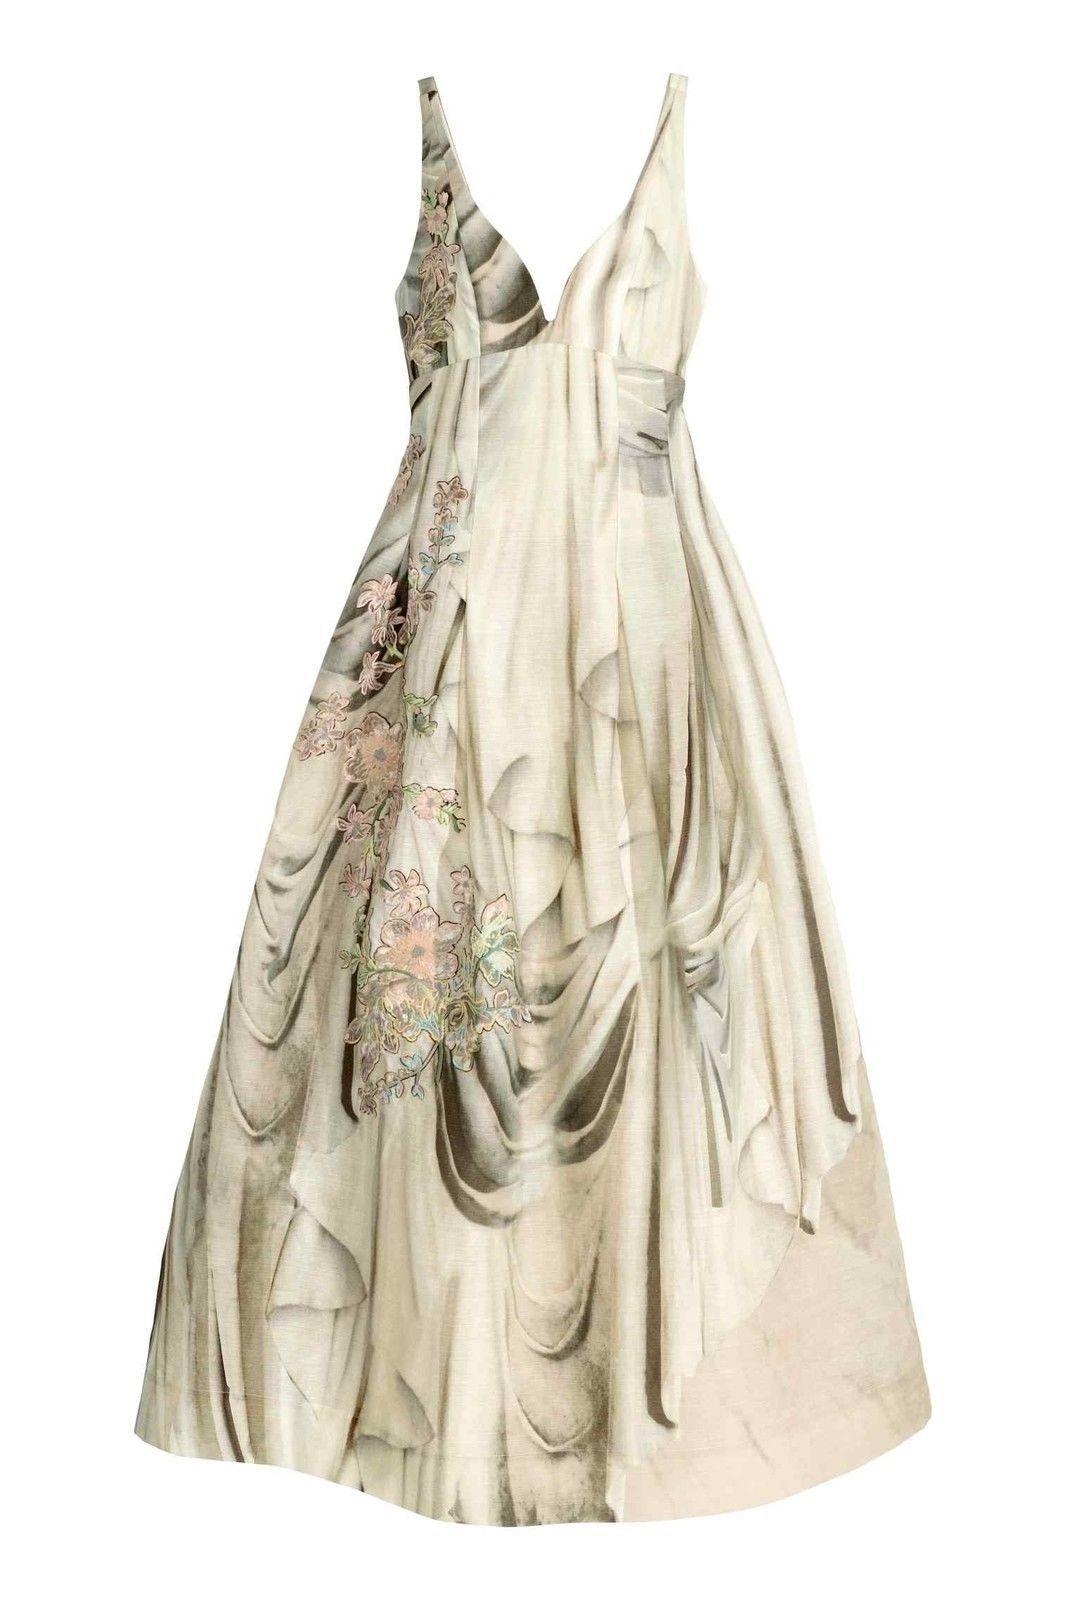 Dokonalé spoločenské svadobné boho šaty Hodváb+ľan - Obrázok č. 2